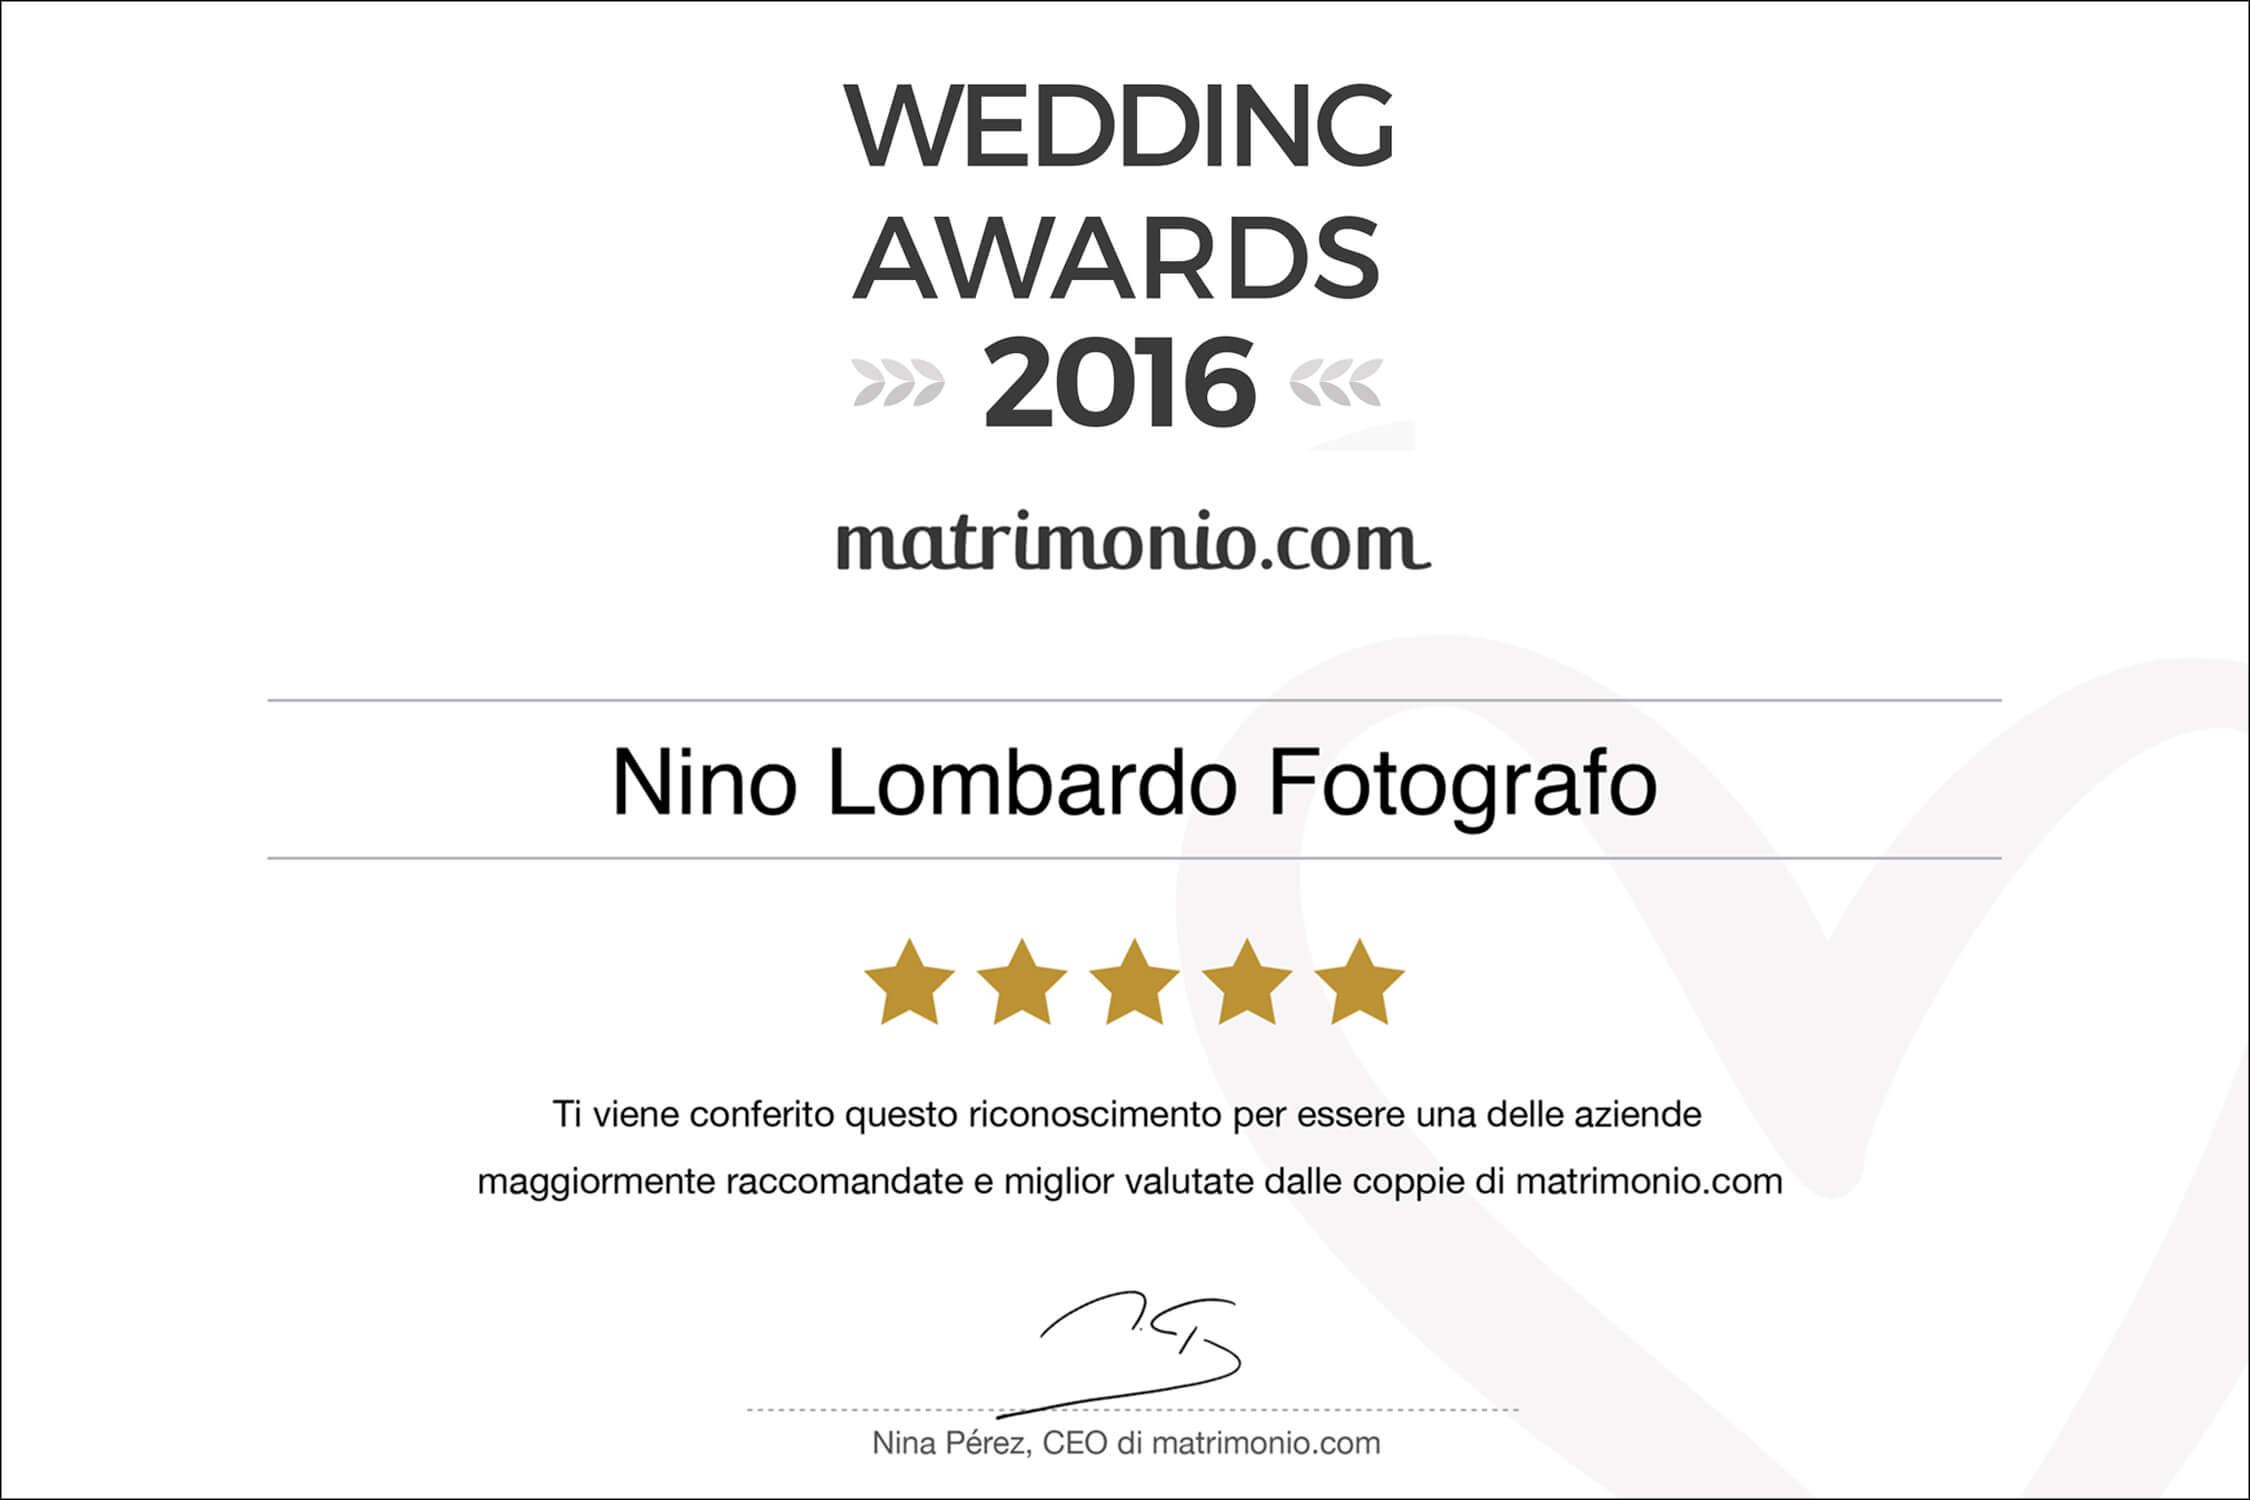 Recensioni Migliori Per Il Fotografo di Trapani Nino Lombardo Fotografo raccomandato sposi matrimonio.com